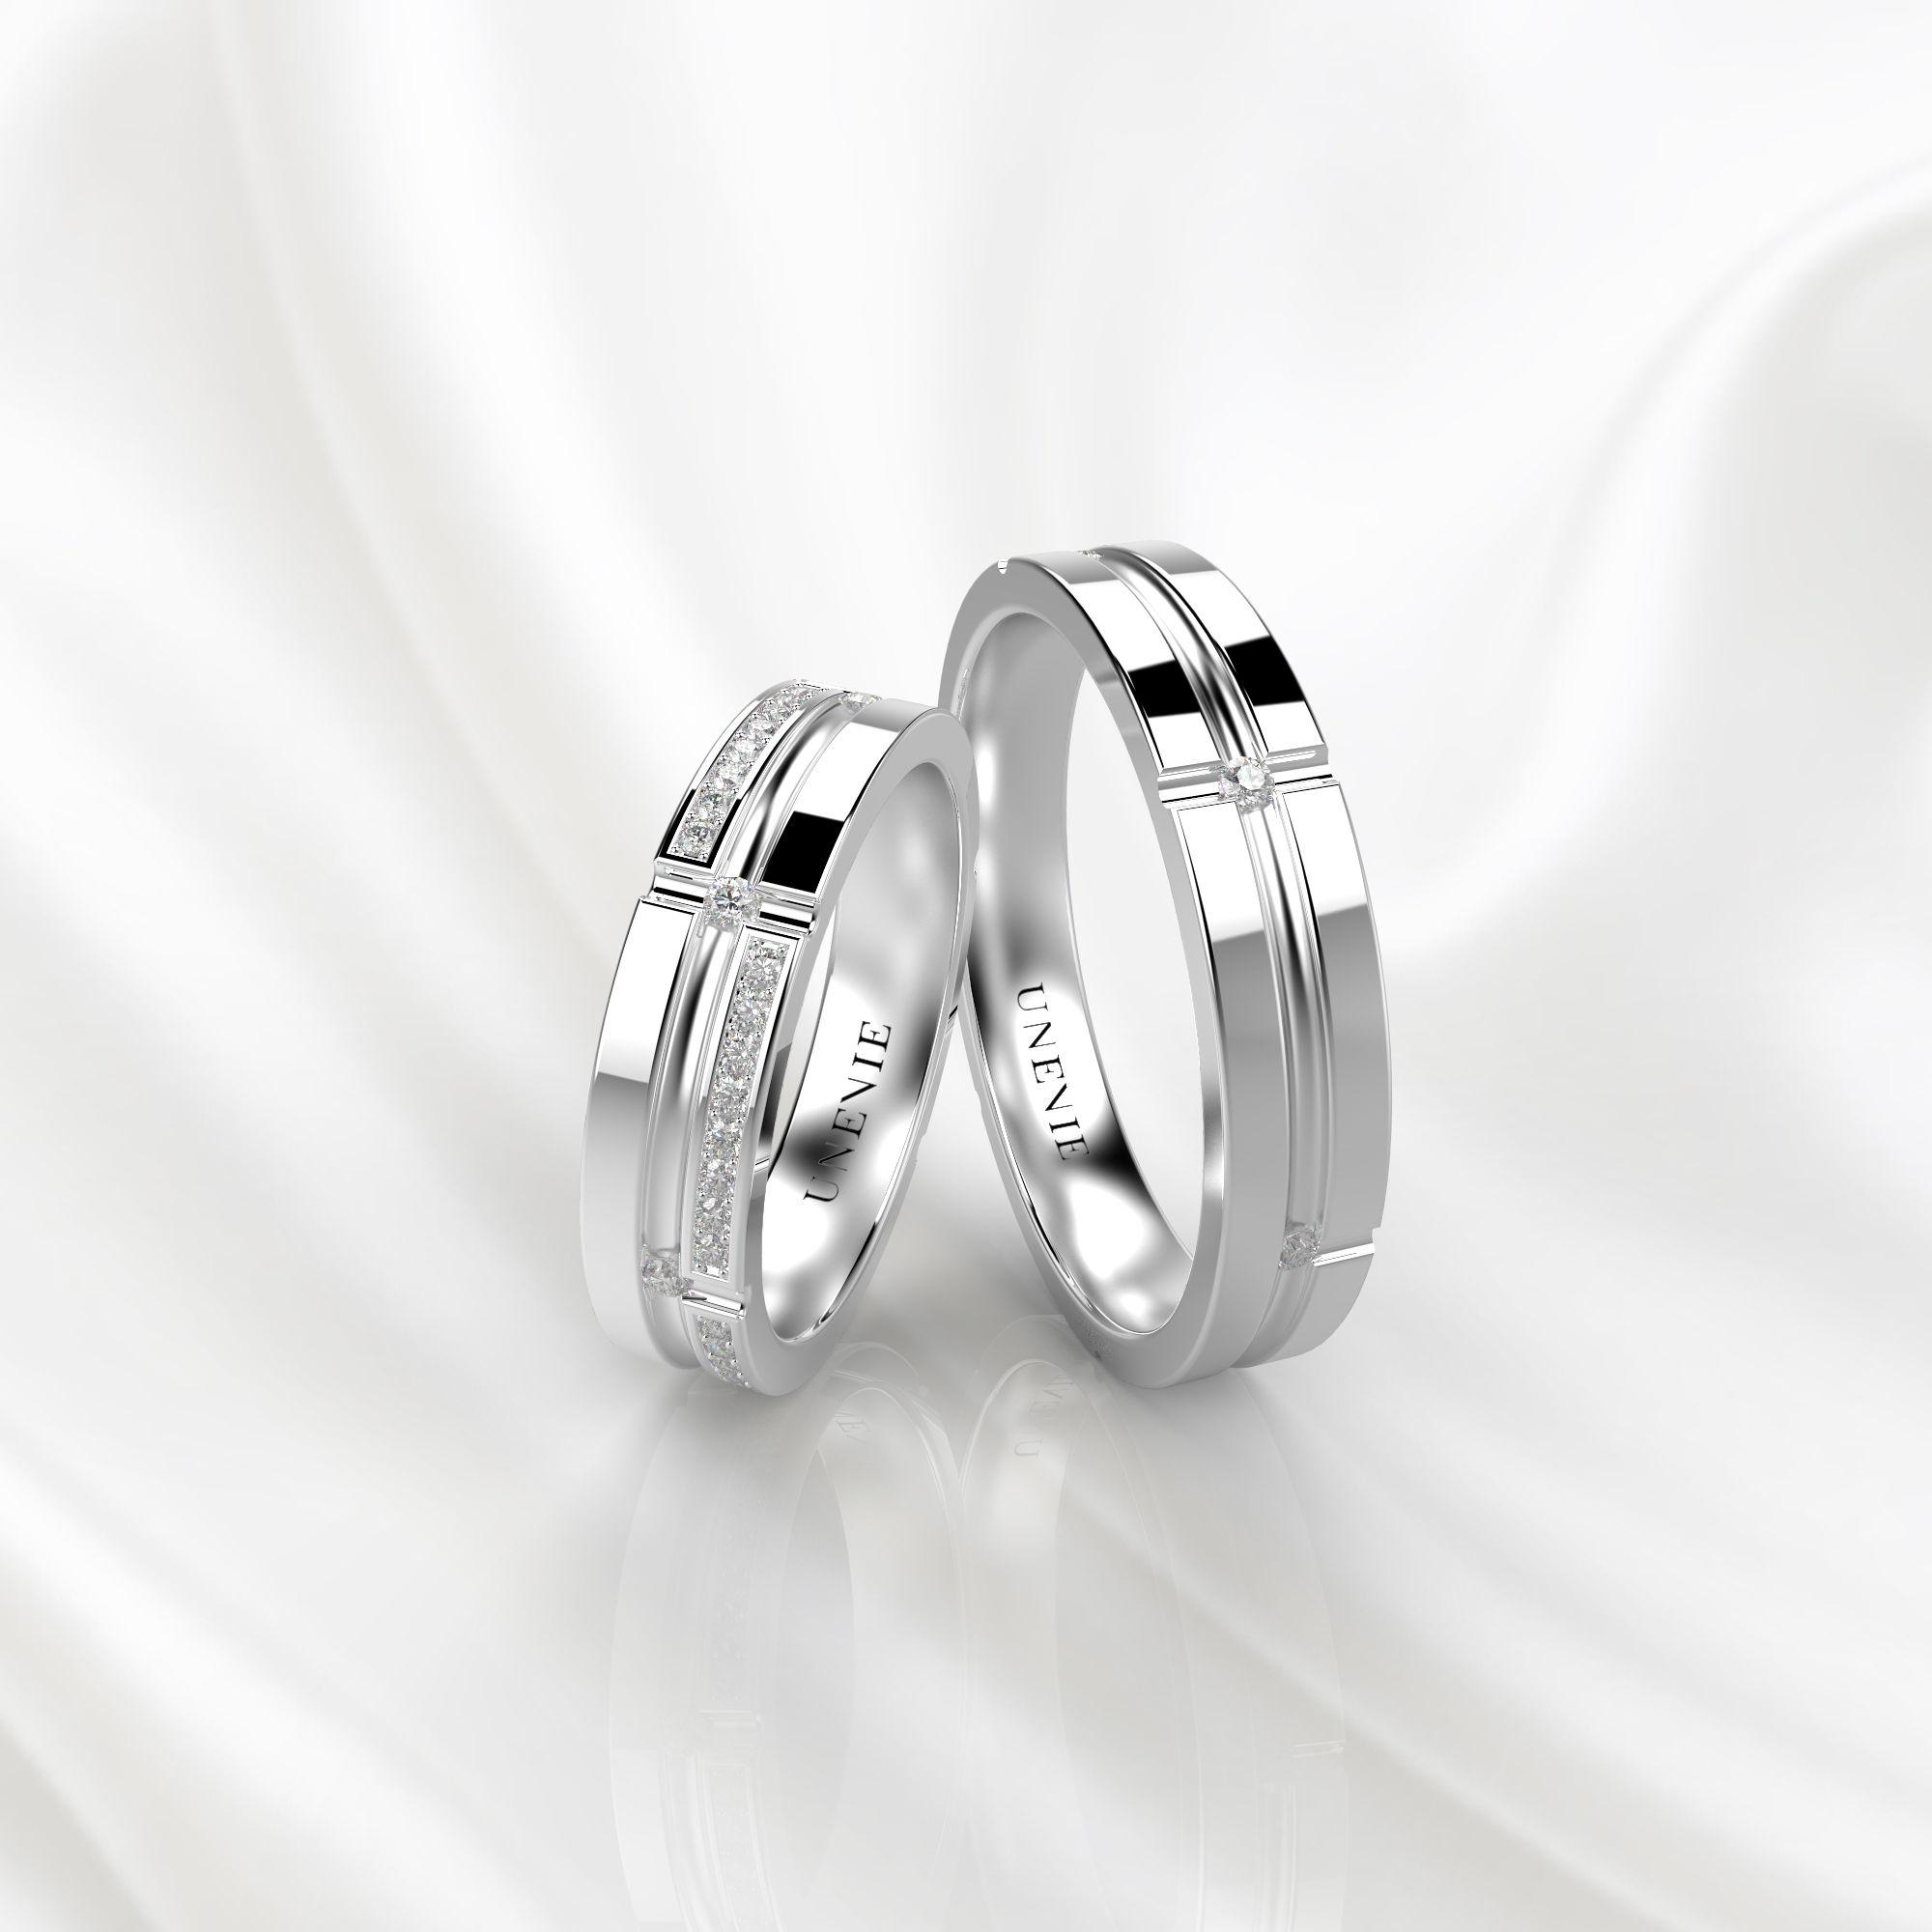 NV39 Обручальные кольца из белого золота с бриллиантами